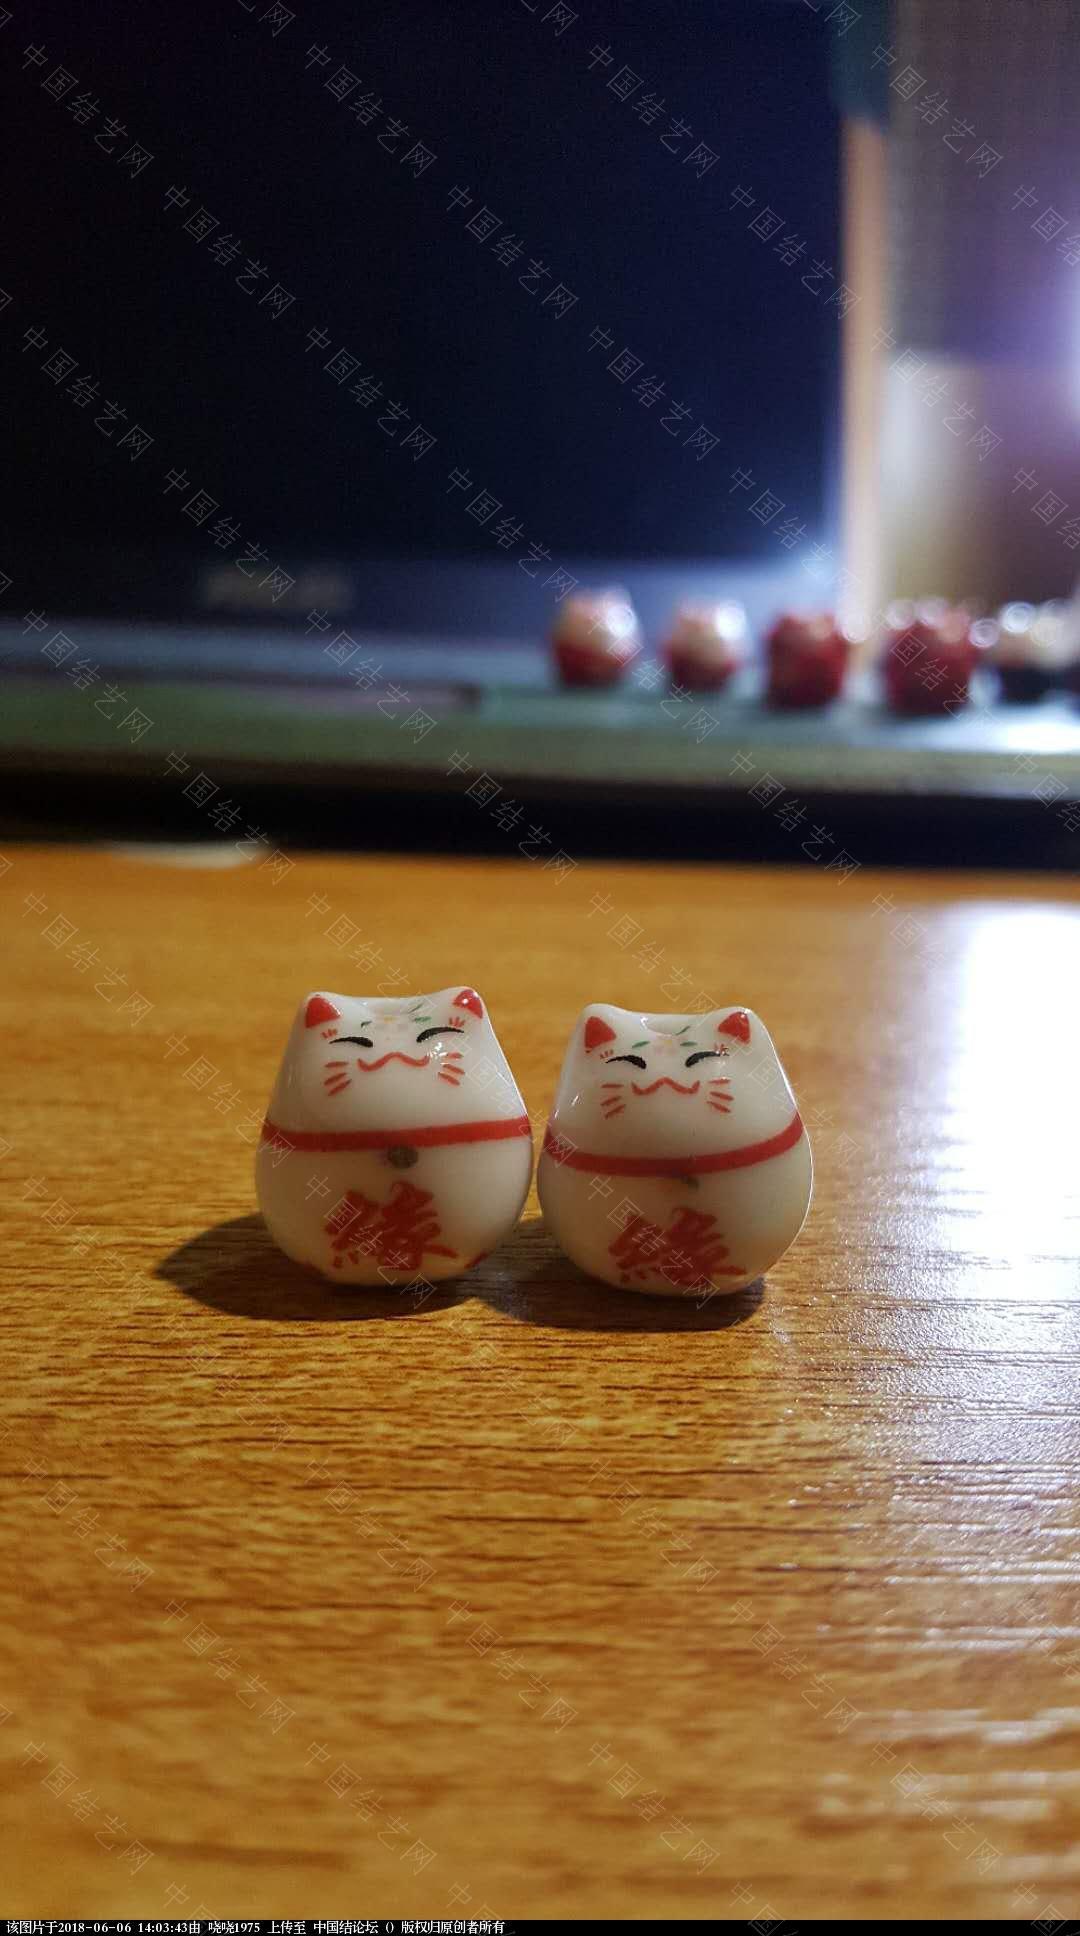 中国结论坛 用不上的招财猫小配件转让 不上,上的,招财猫,配件,转让 作品展示 140049nurcjrqzbkqevqbb